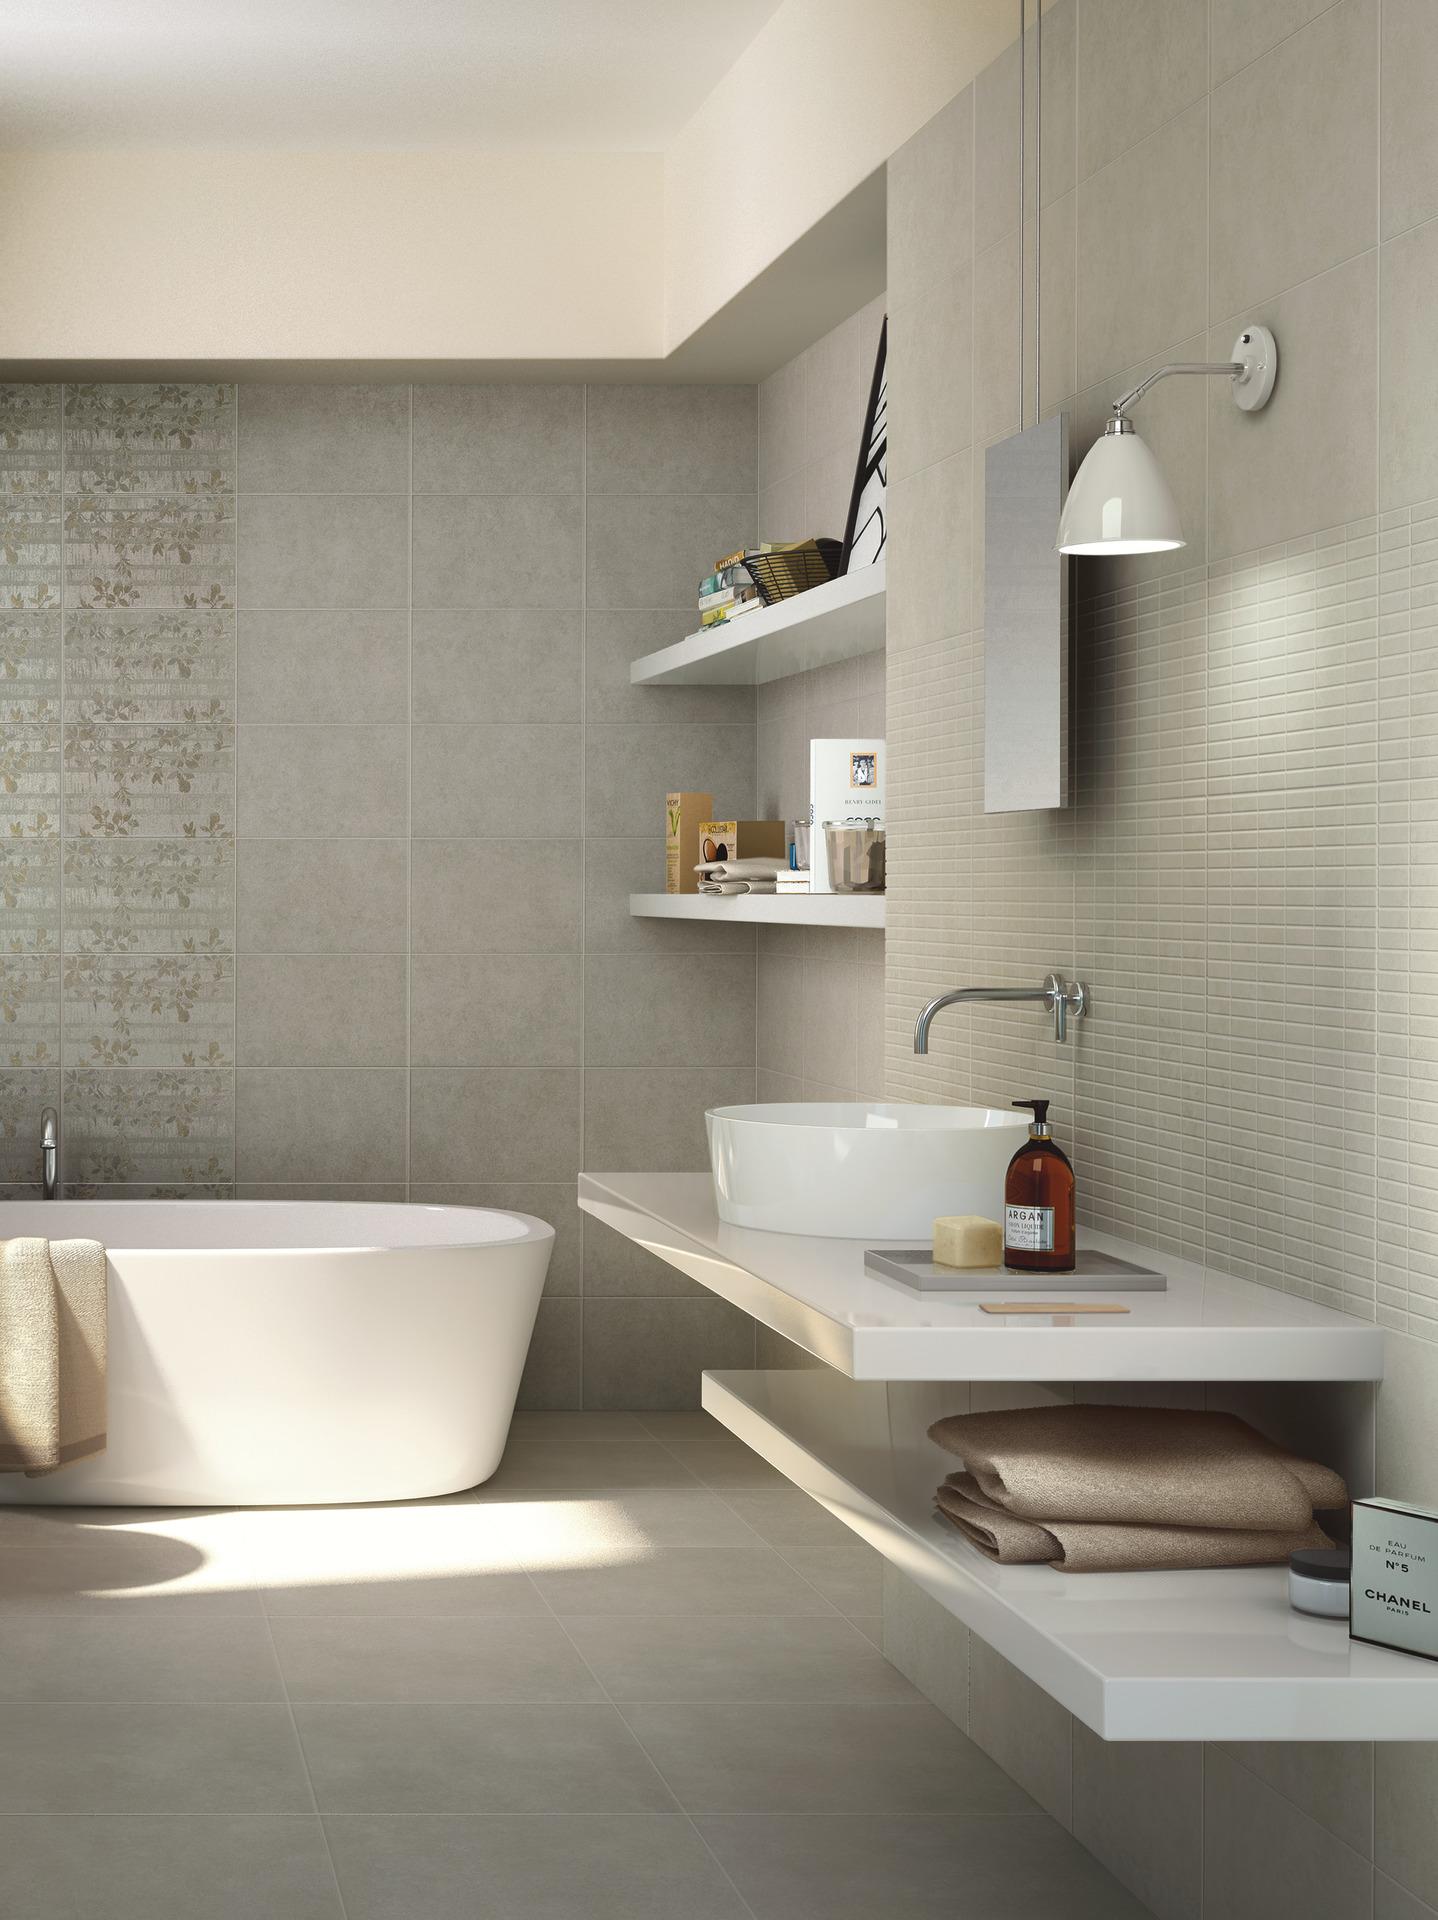 Casablanca collection kitchen and bathroom tiles ragno for Posa alzatina cucina